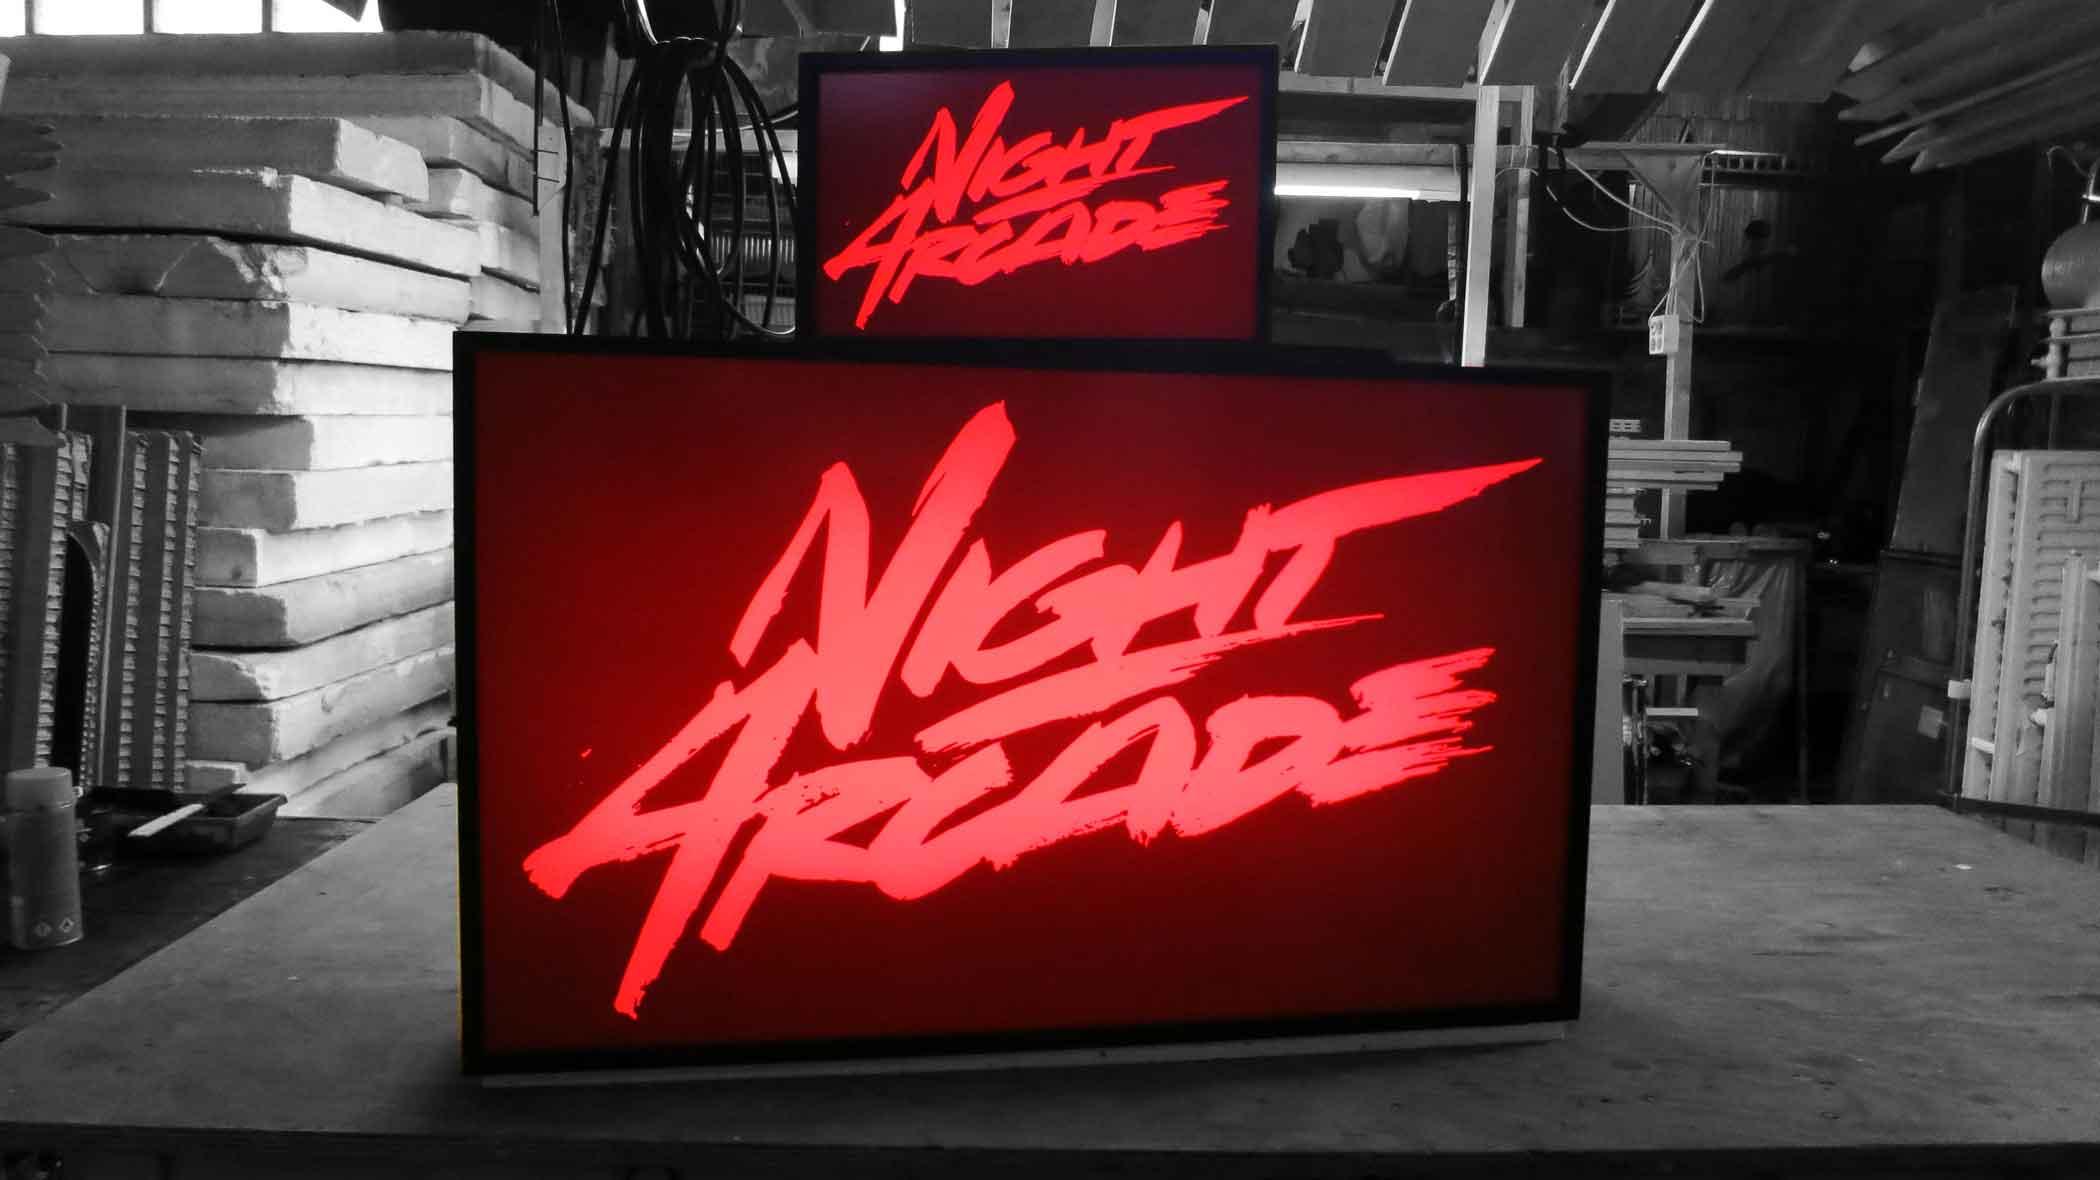 Night Arcade